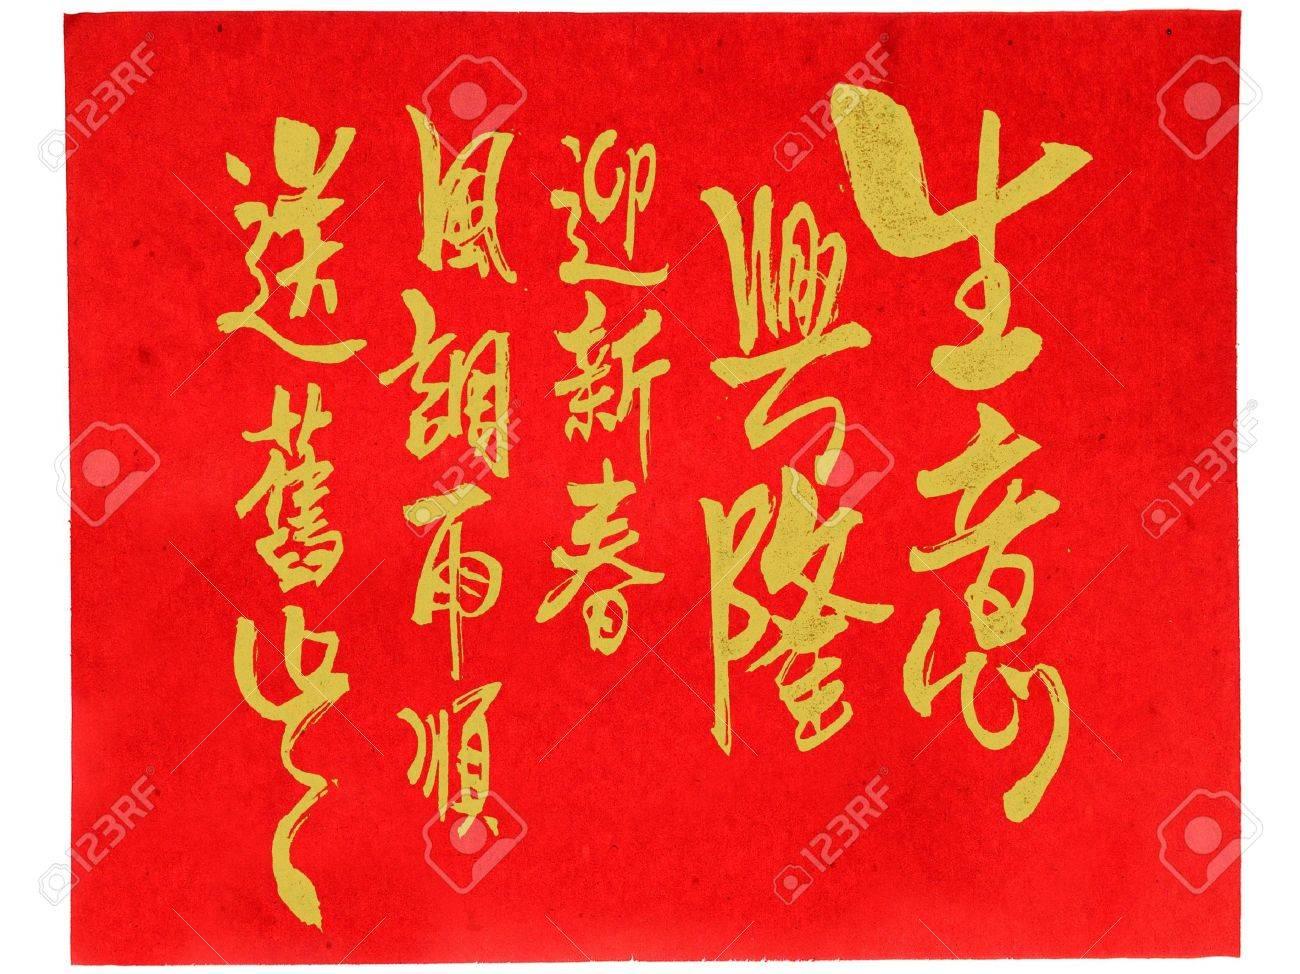 http://burnsnight2016.blogspot.in/2016/01/chinese-spring-festival-celebration.html